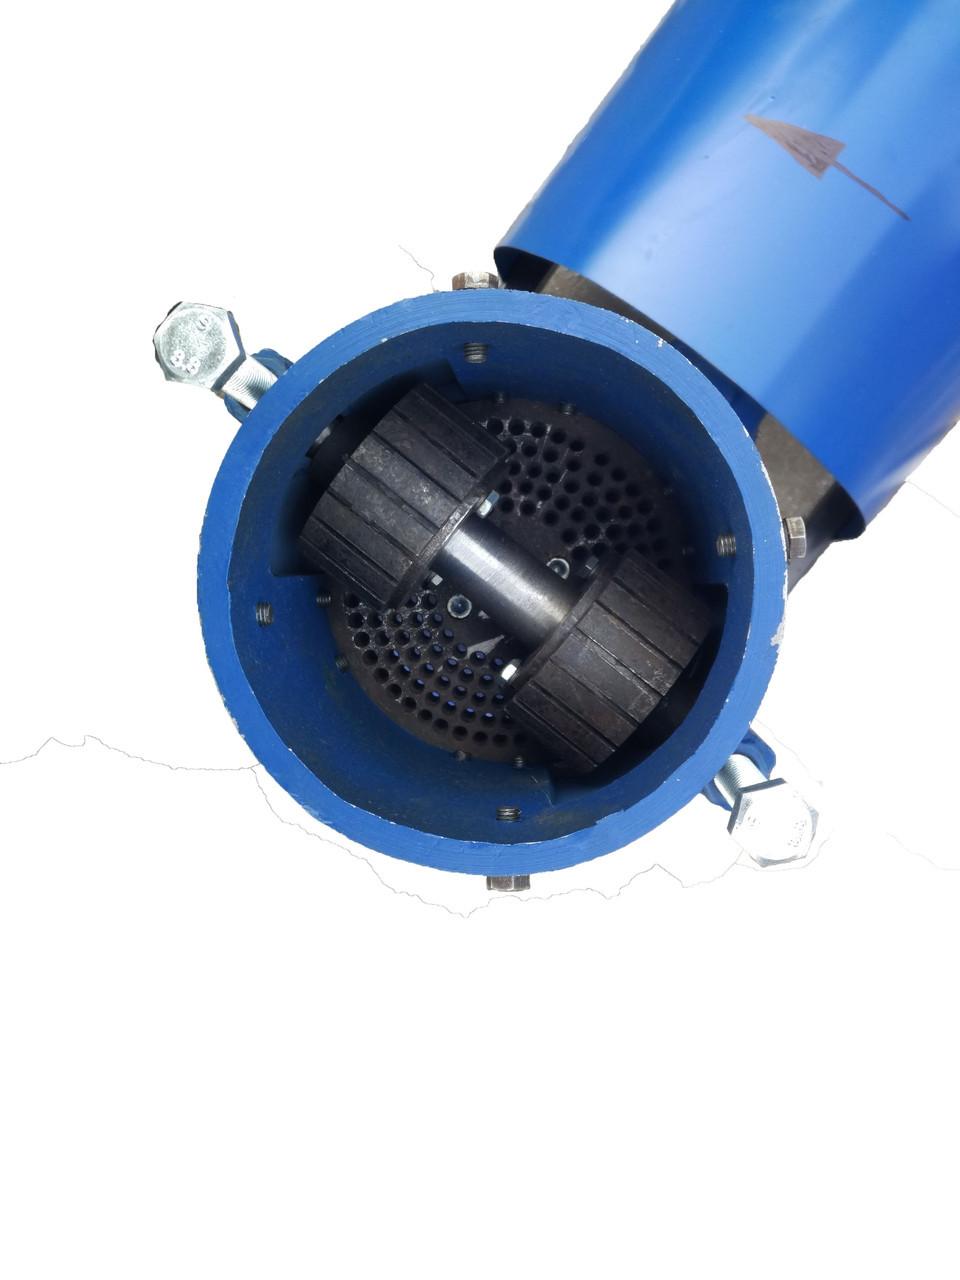 Гранулятор комбикорма 150мм (рабочая часть без двигателя), подвижная матрица , под двигатель 4кВт - Фермеру в помощь в Виннице